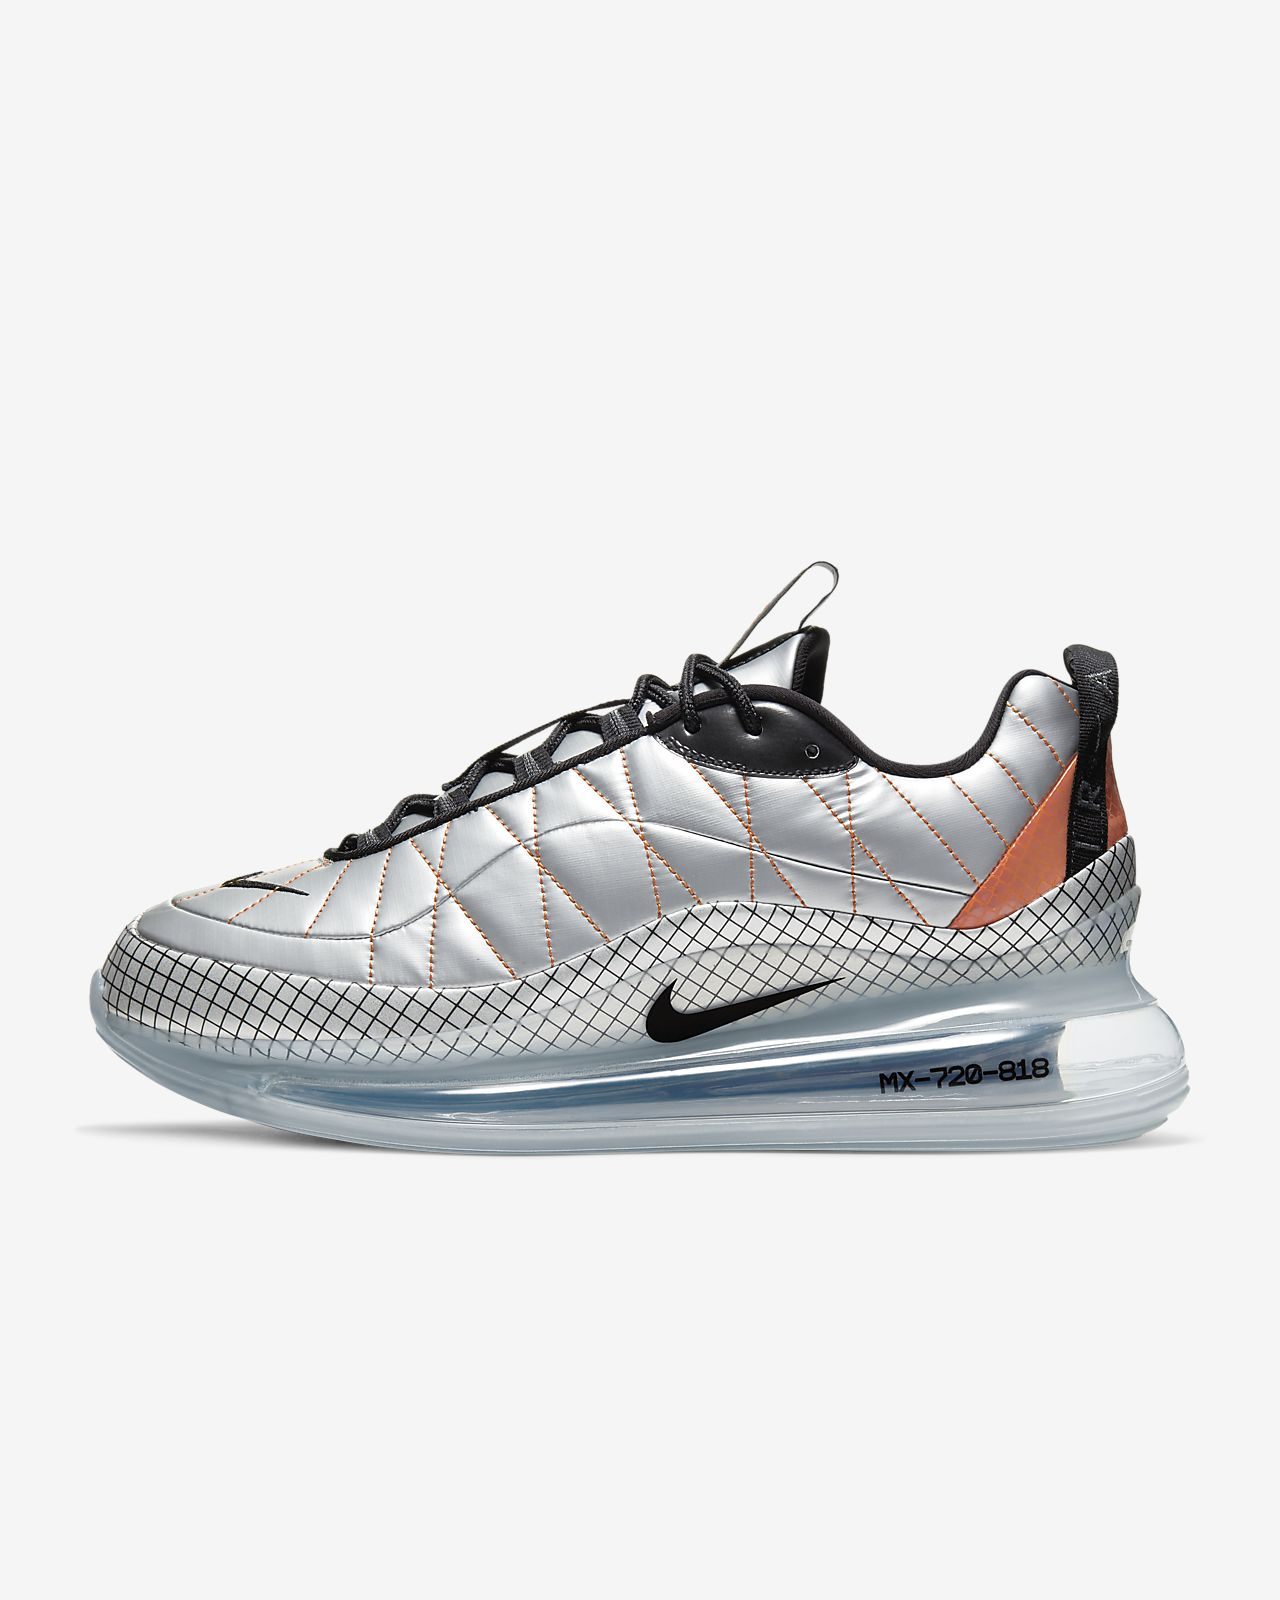 Sapatilhas Nike MX-720-818 para homem